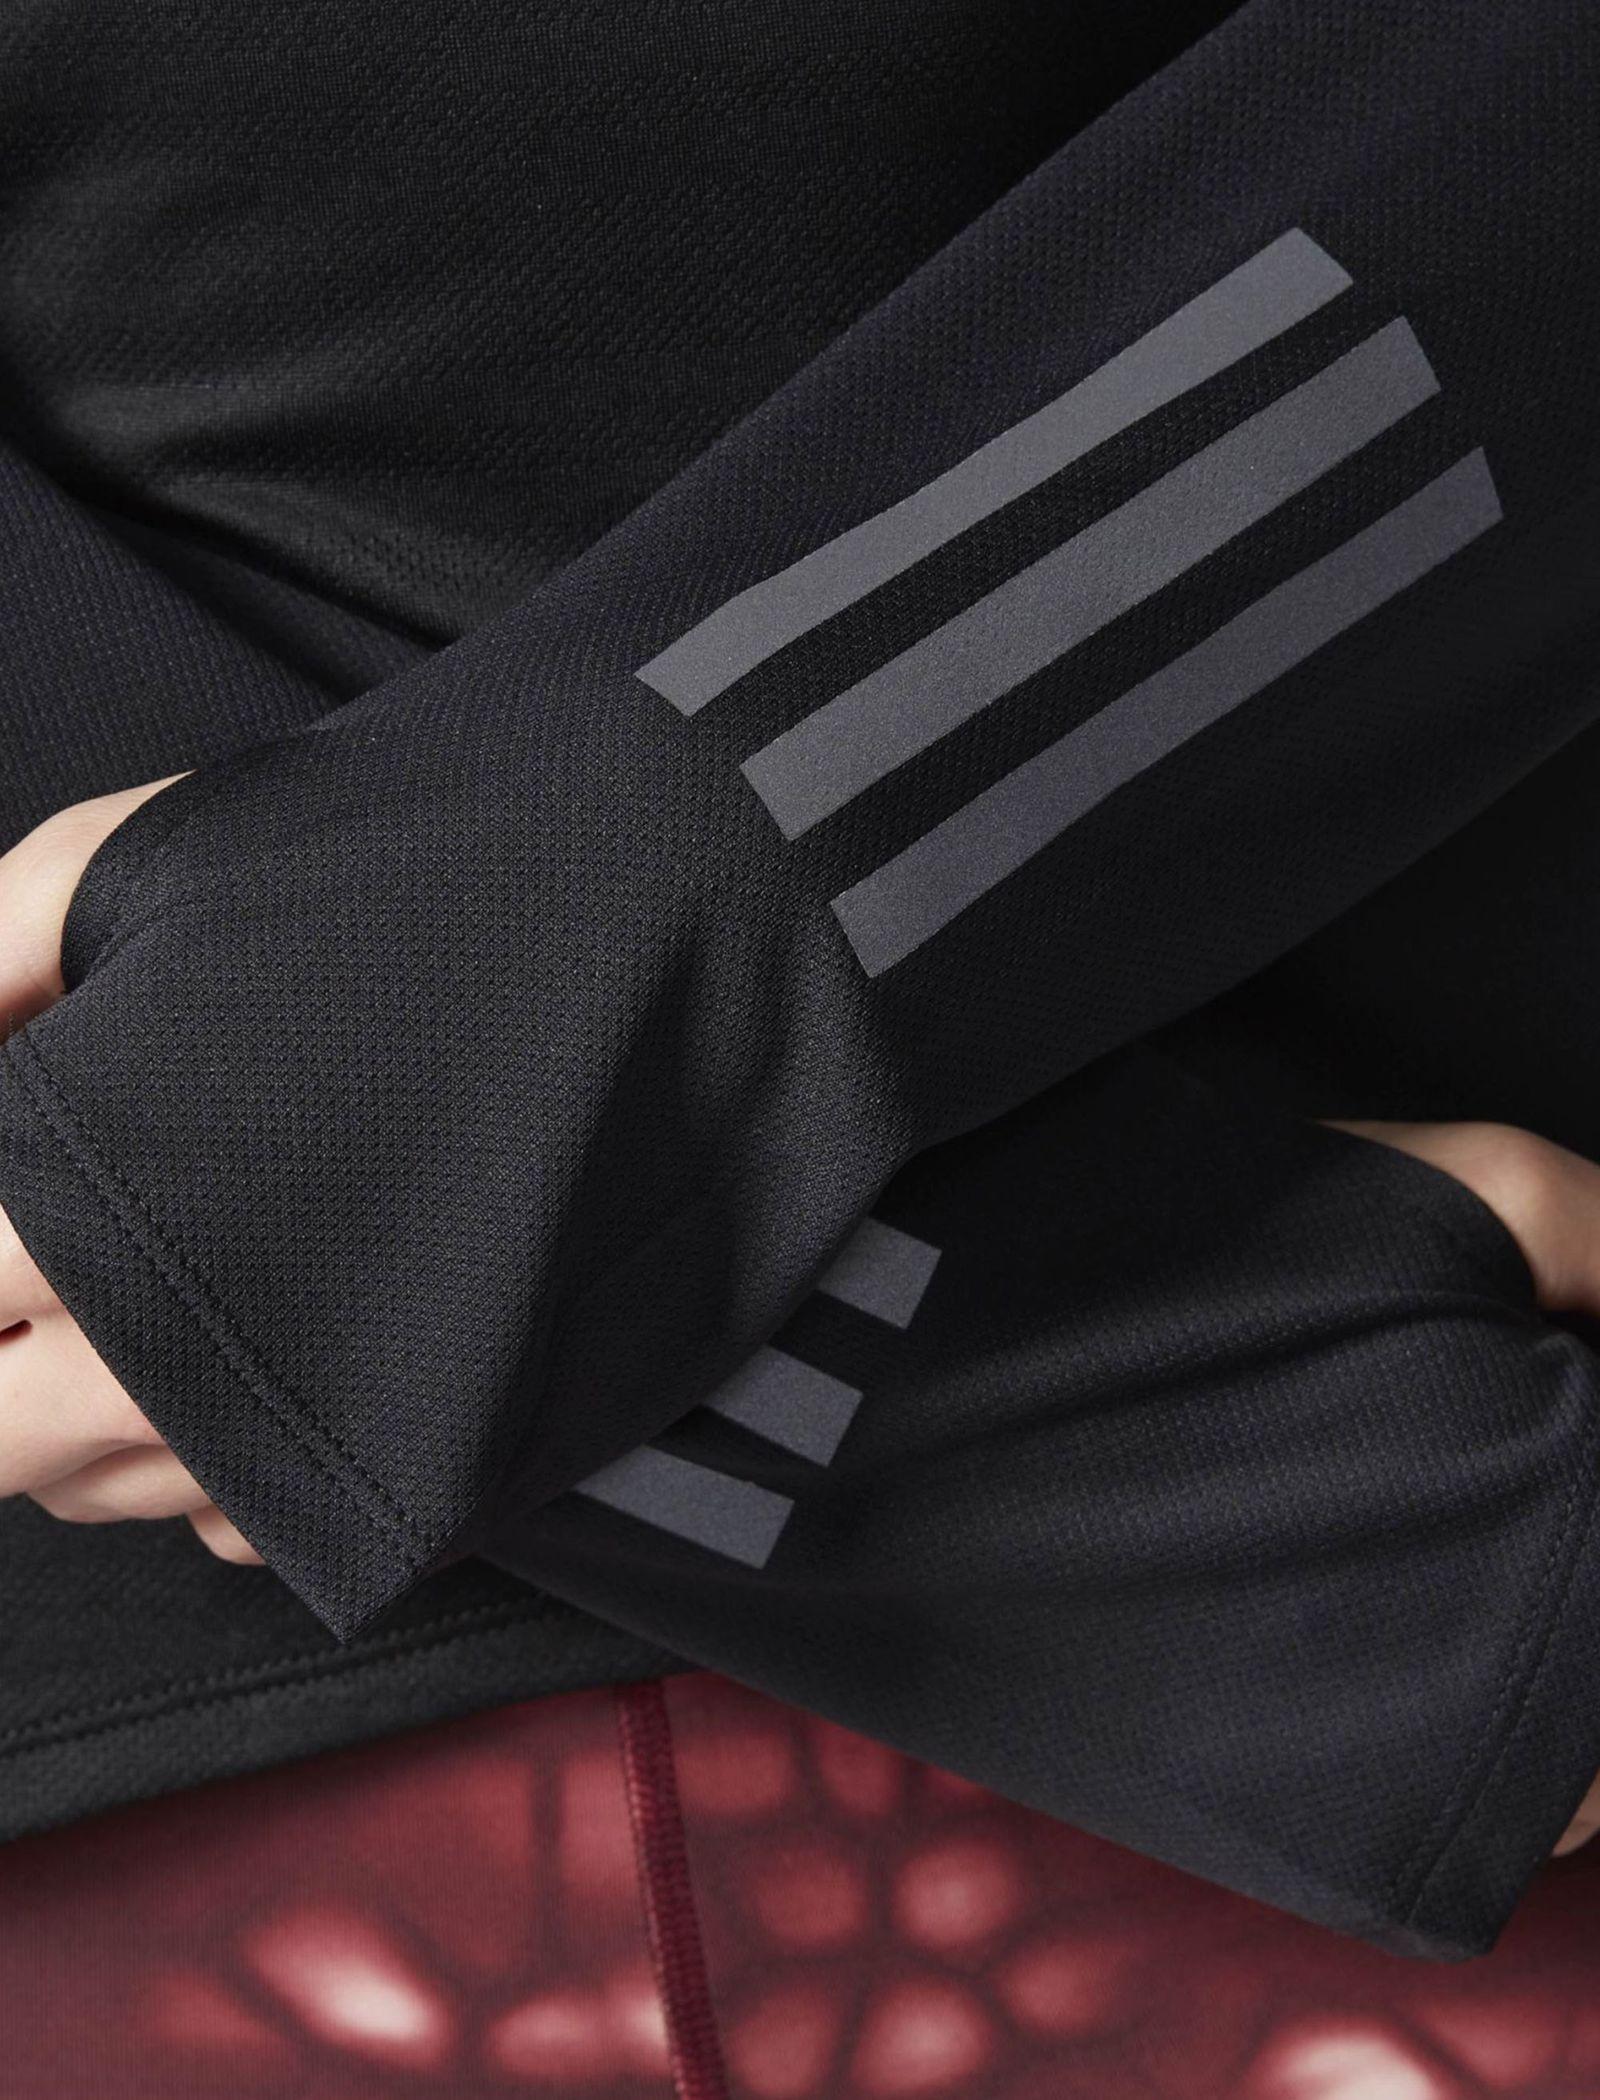 تی شرت ورزشی آستین بلند زنانه Response - آدیداس - مشکي - 6